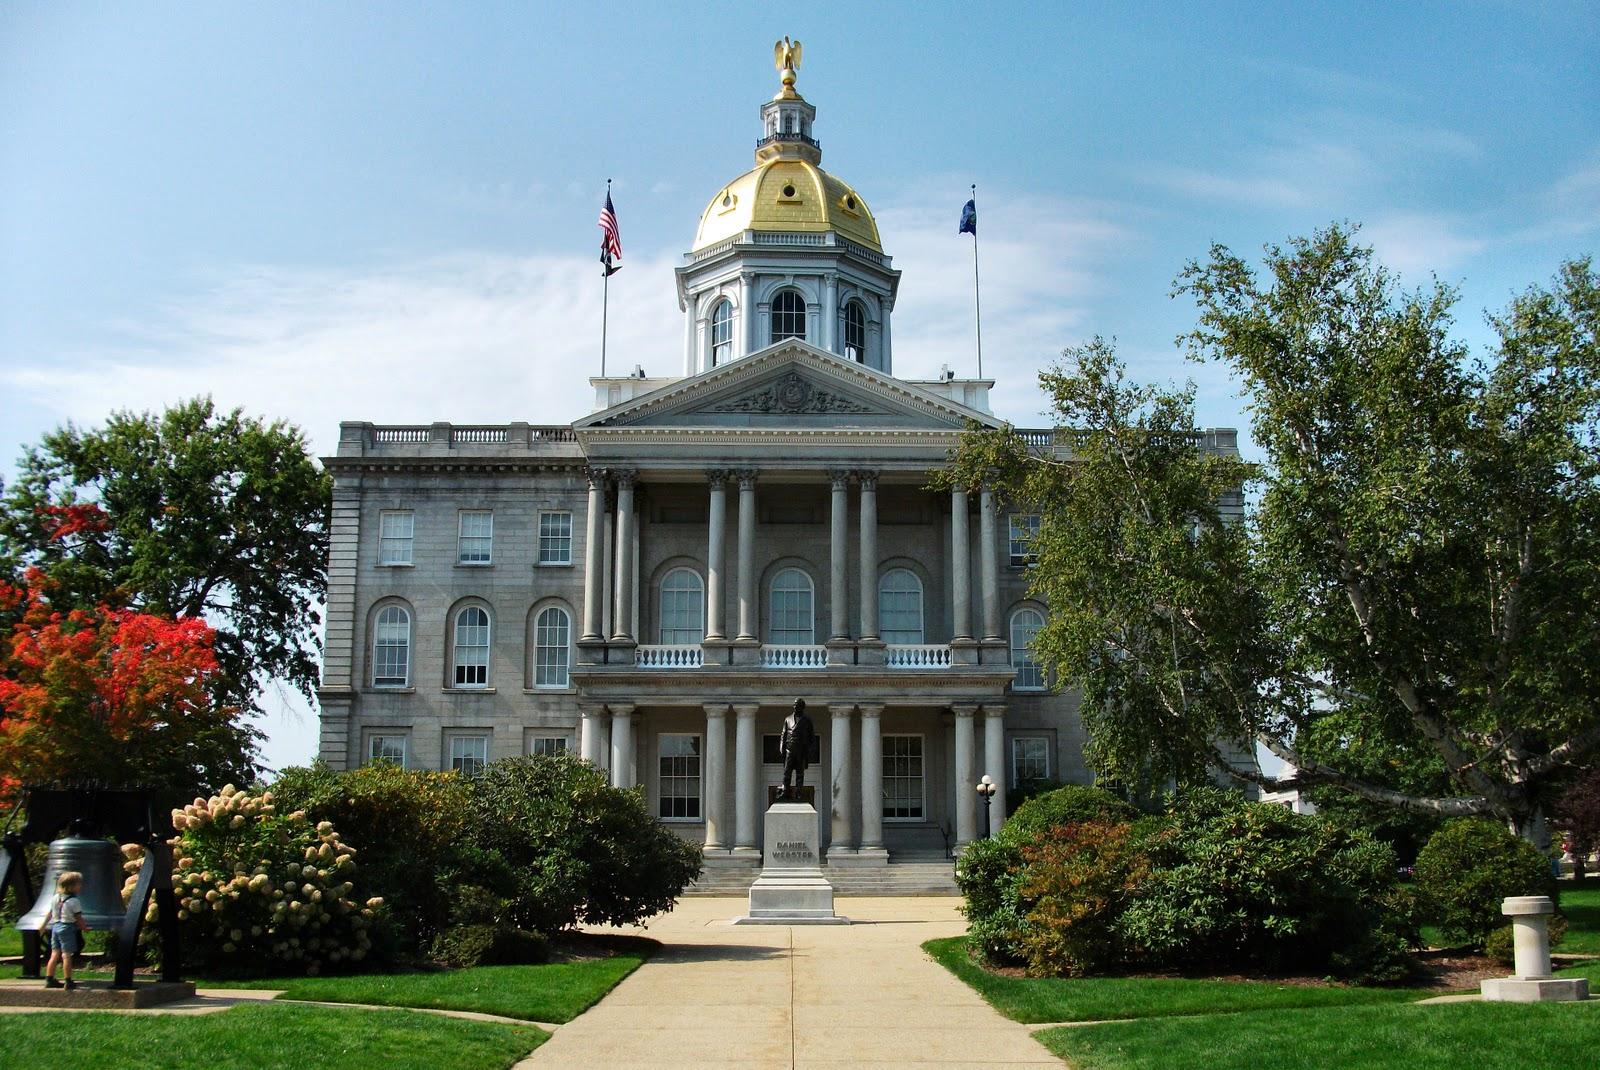 NH Capitol